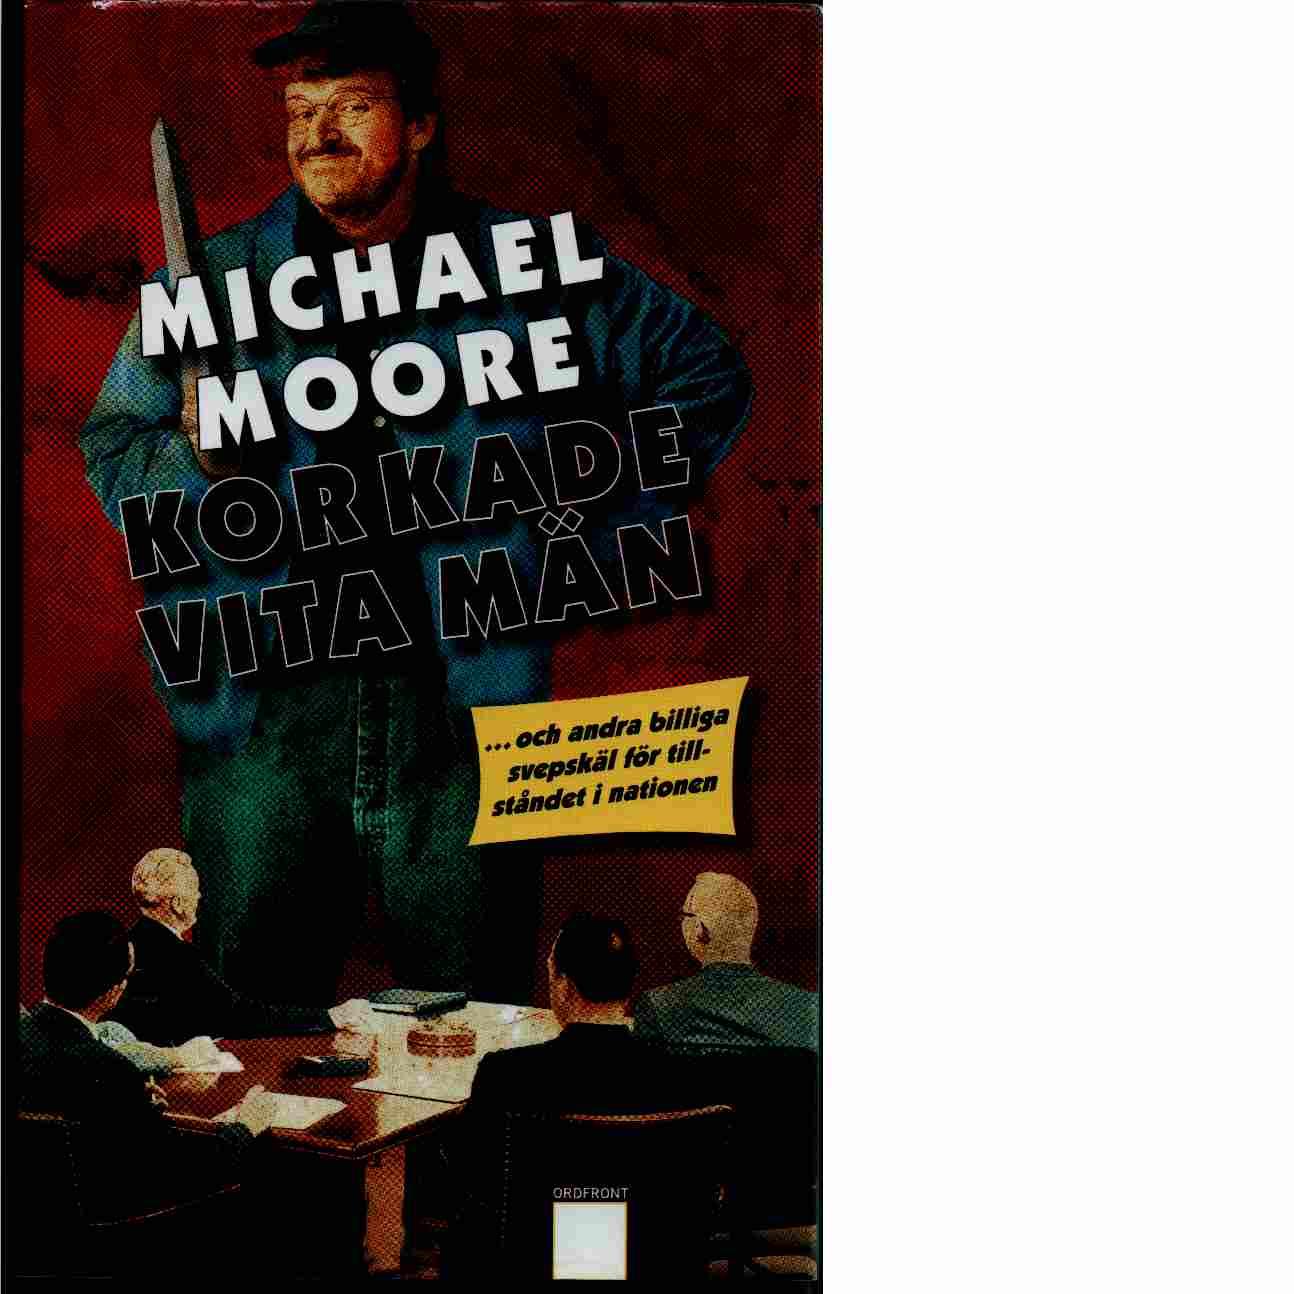 Korkade vita män : -och andra billiga svepskäl för tillståndet i nationen - Moore, Michael